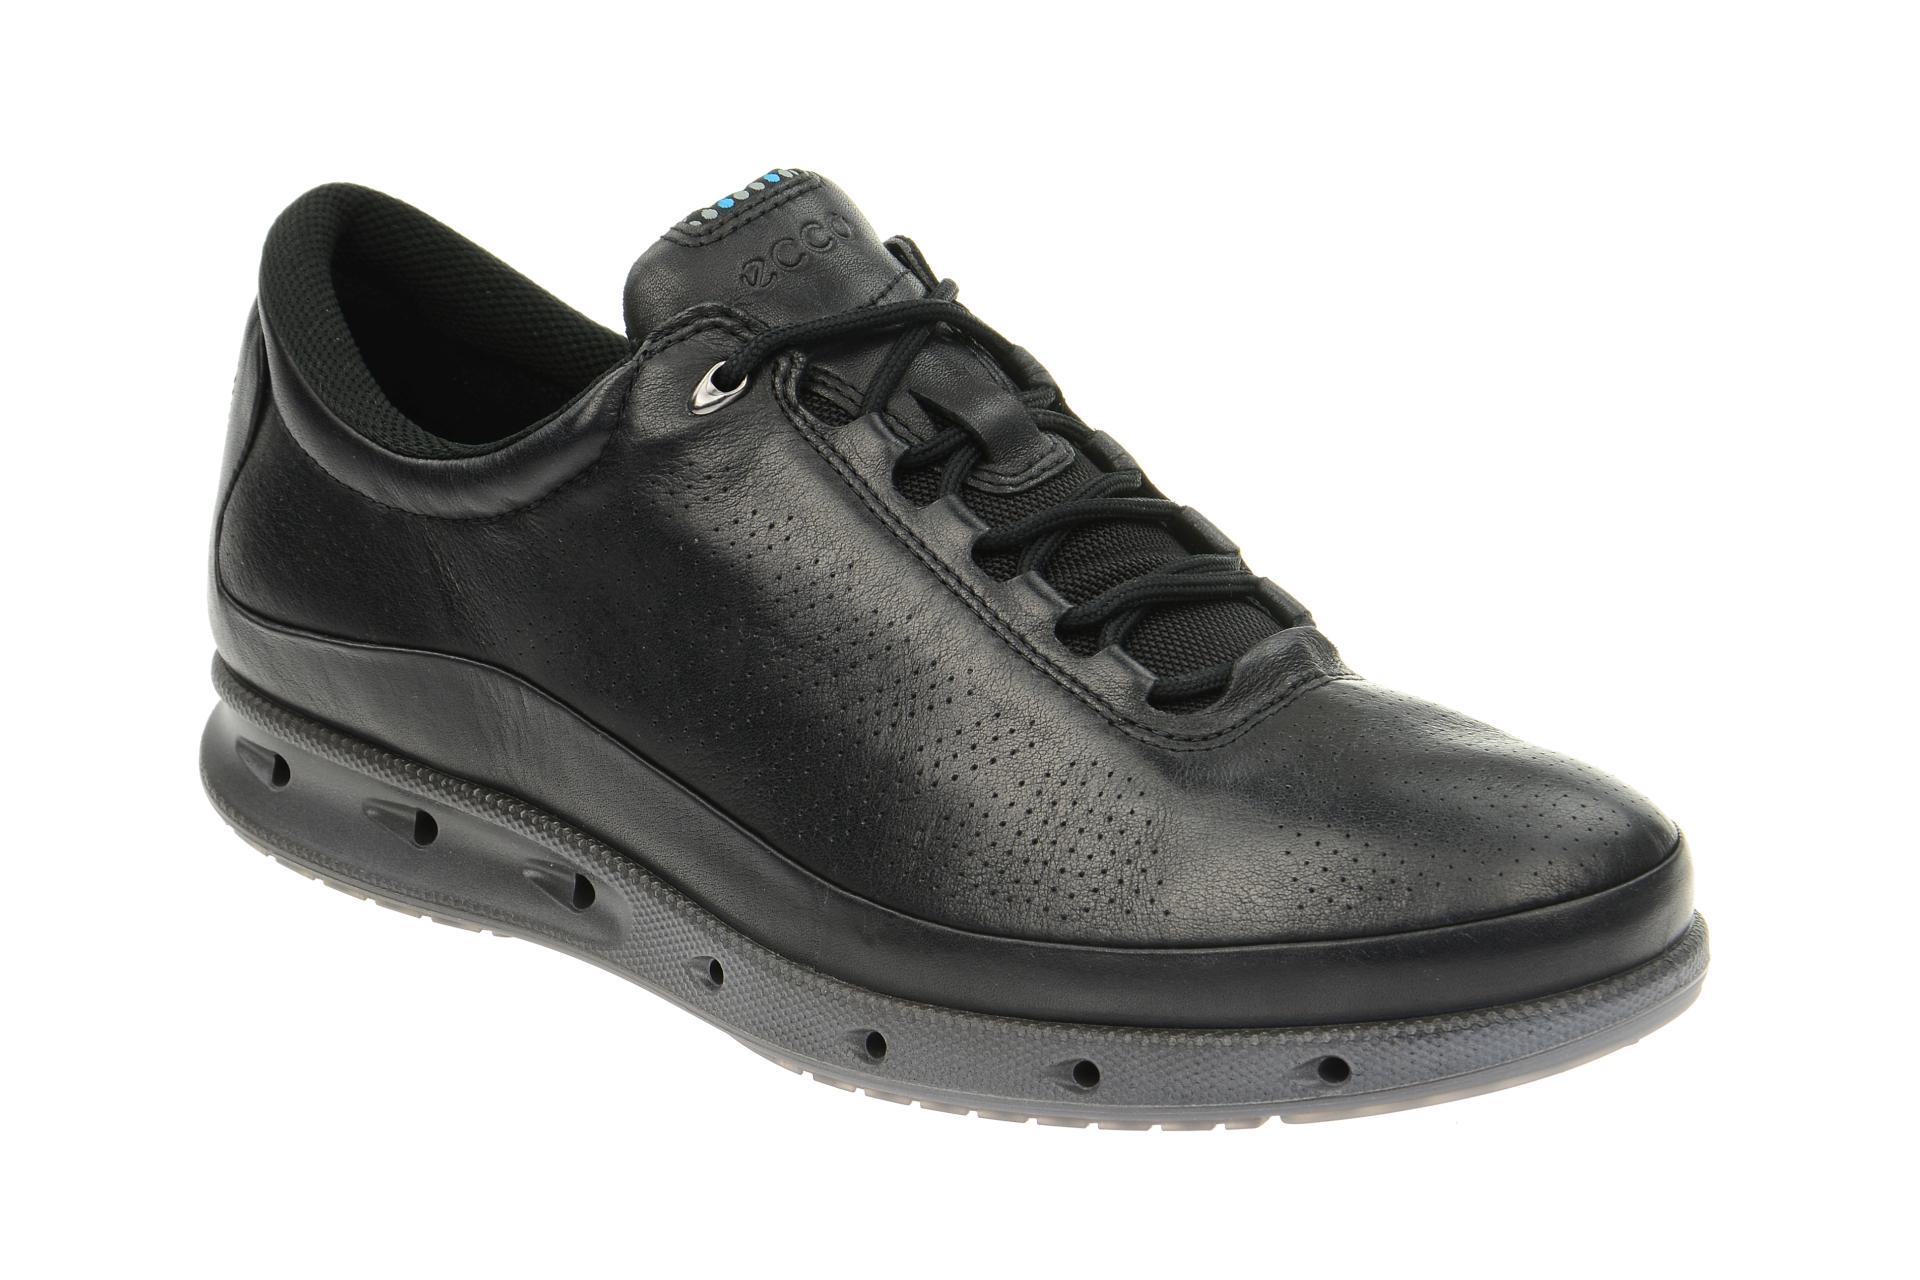 1d5b073300a2f0 Ecco Cool Schuhe schwarz GORE-TEX Surround - Schuhhaus Strauch Shop